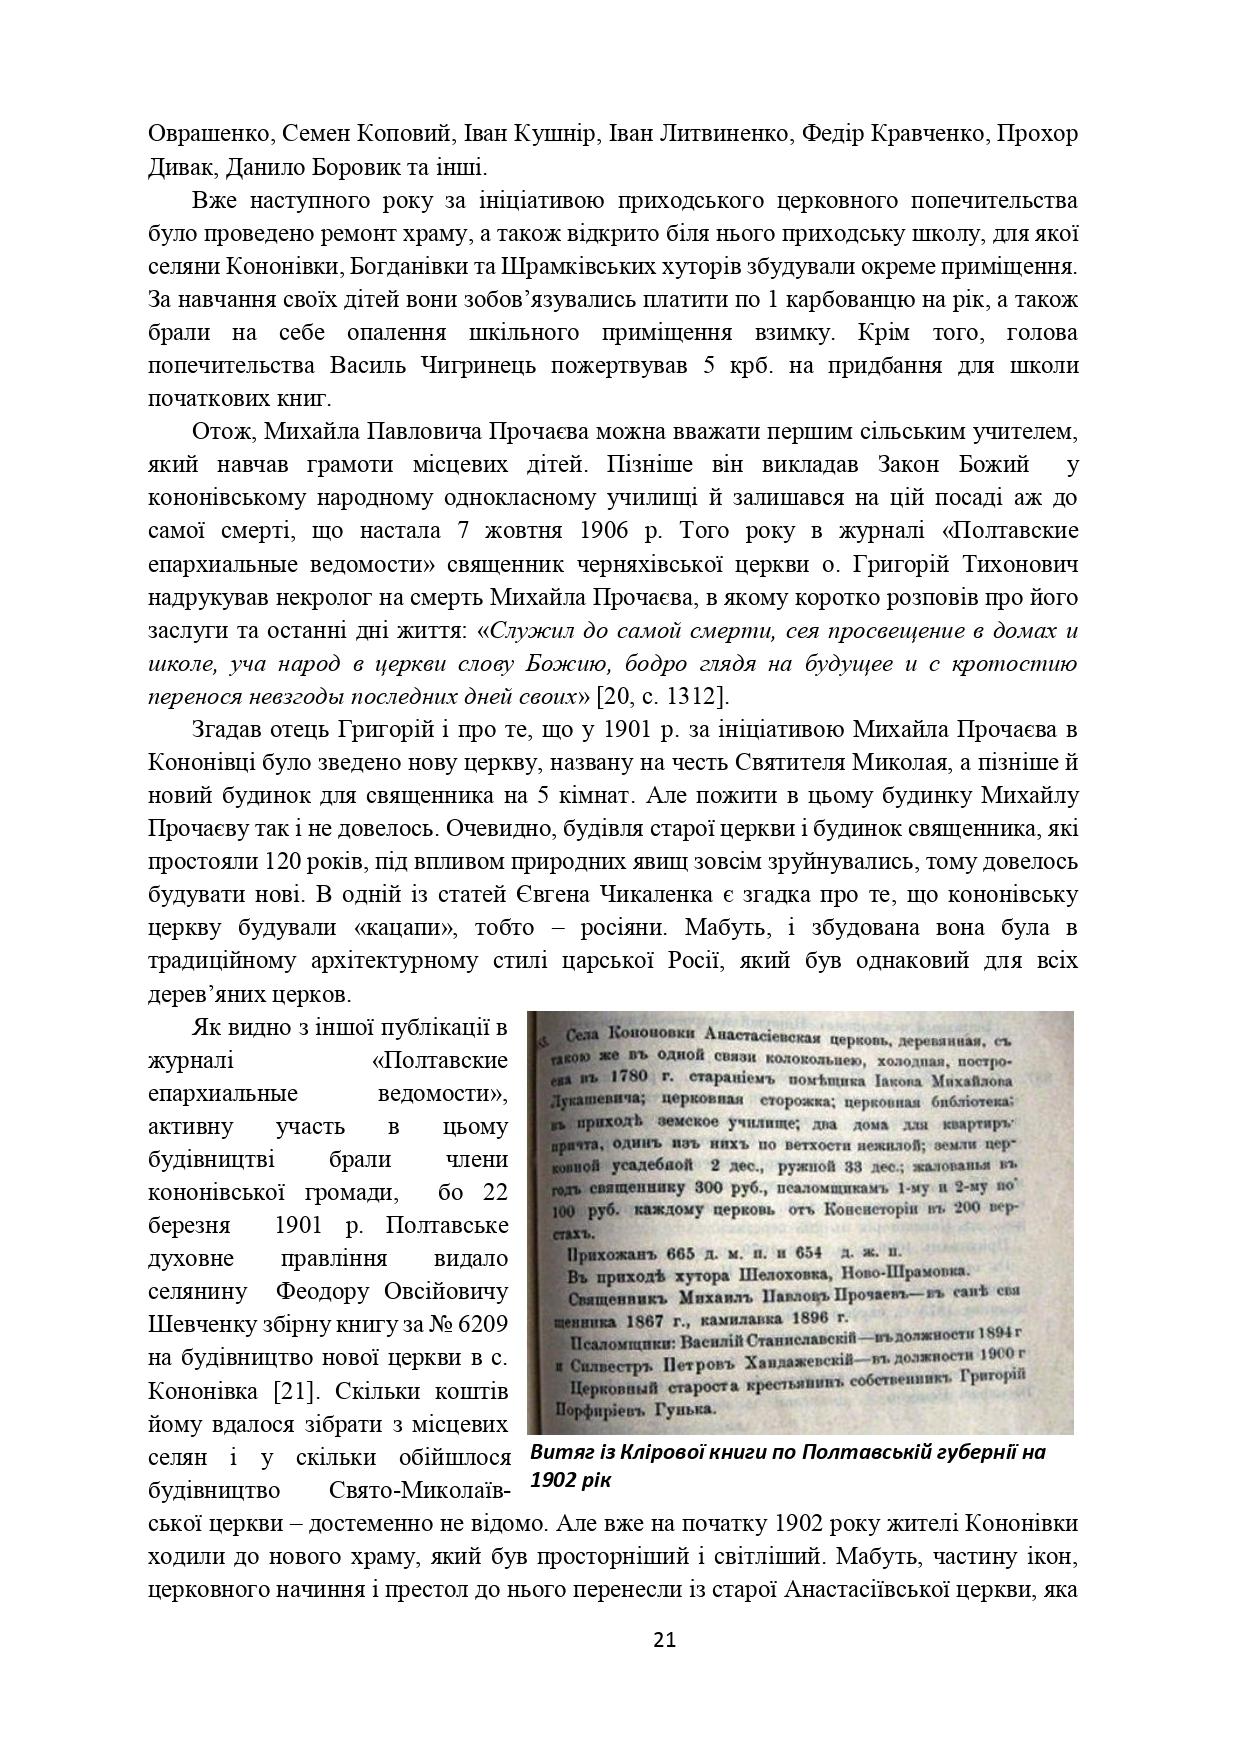 ІСТОРІЯ СЕЛА КОНОНІВКА 2021 (1)_page-0021